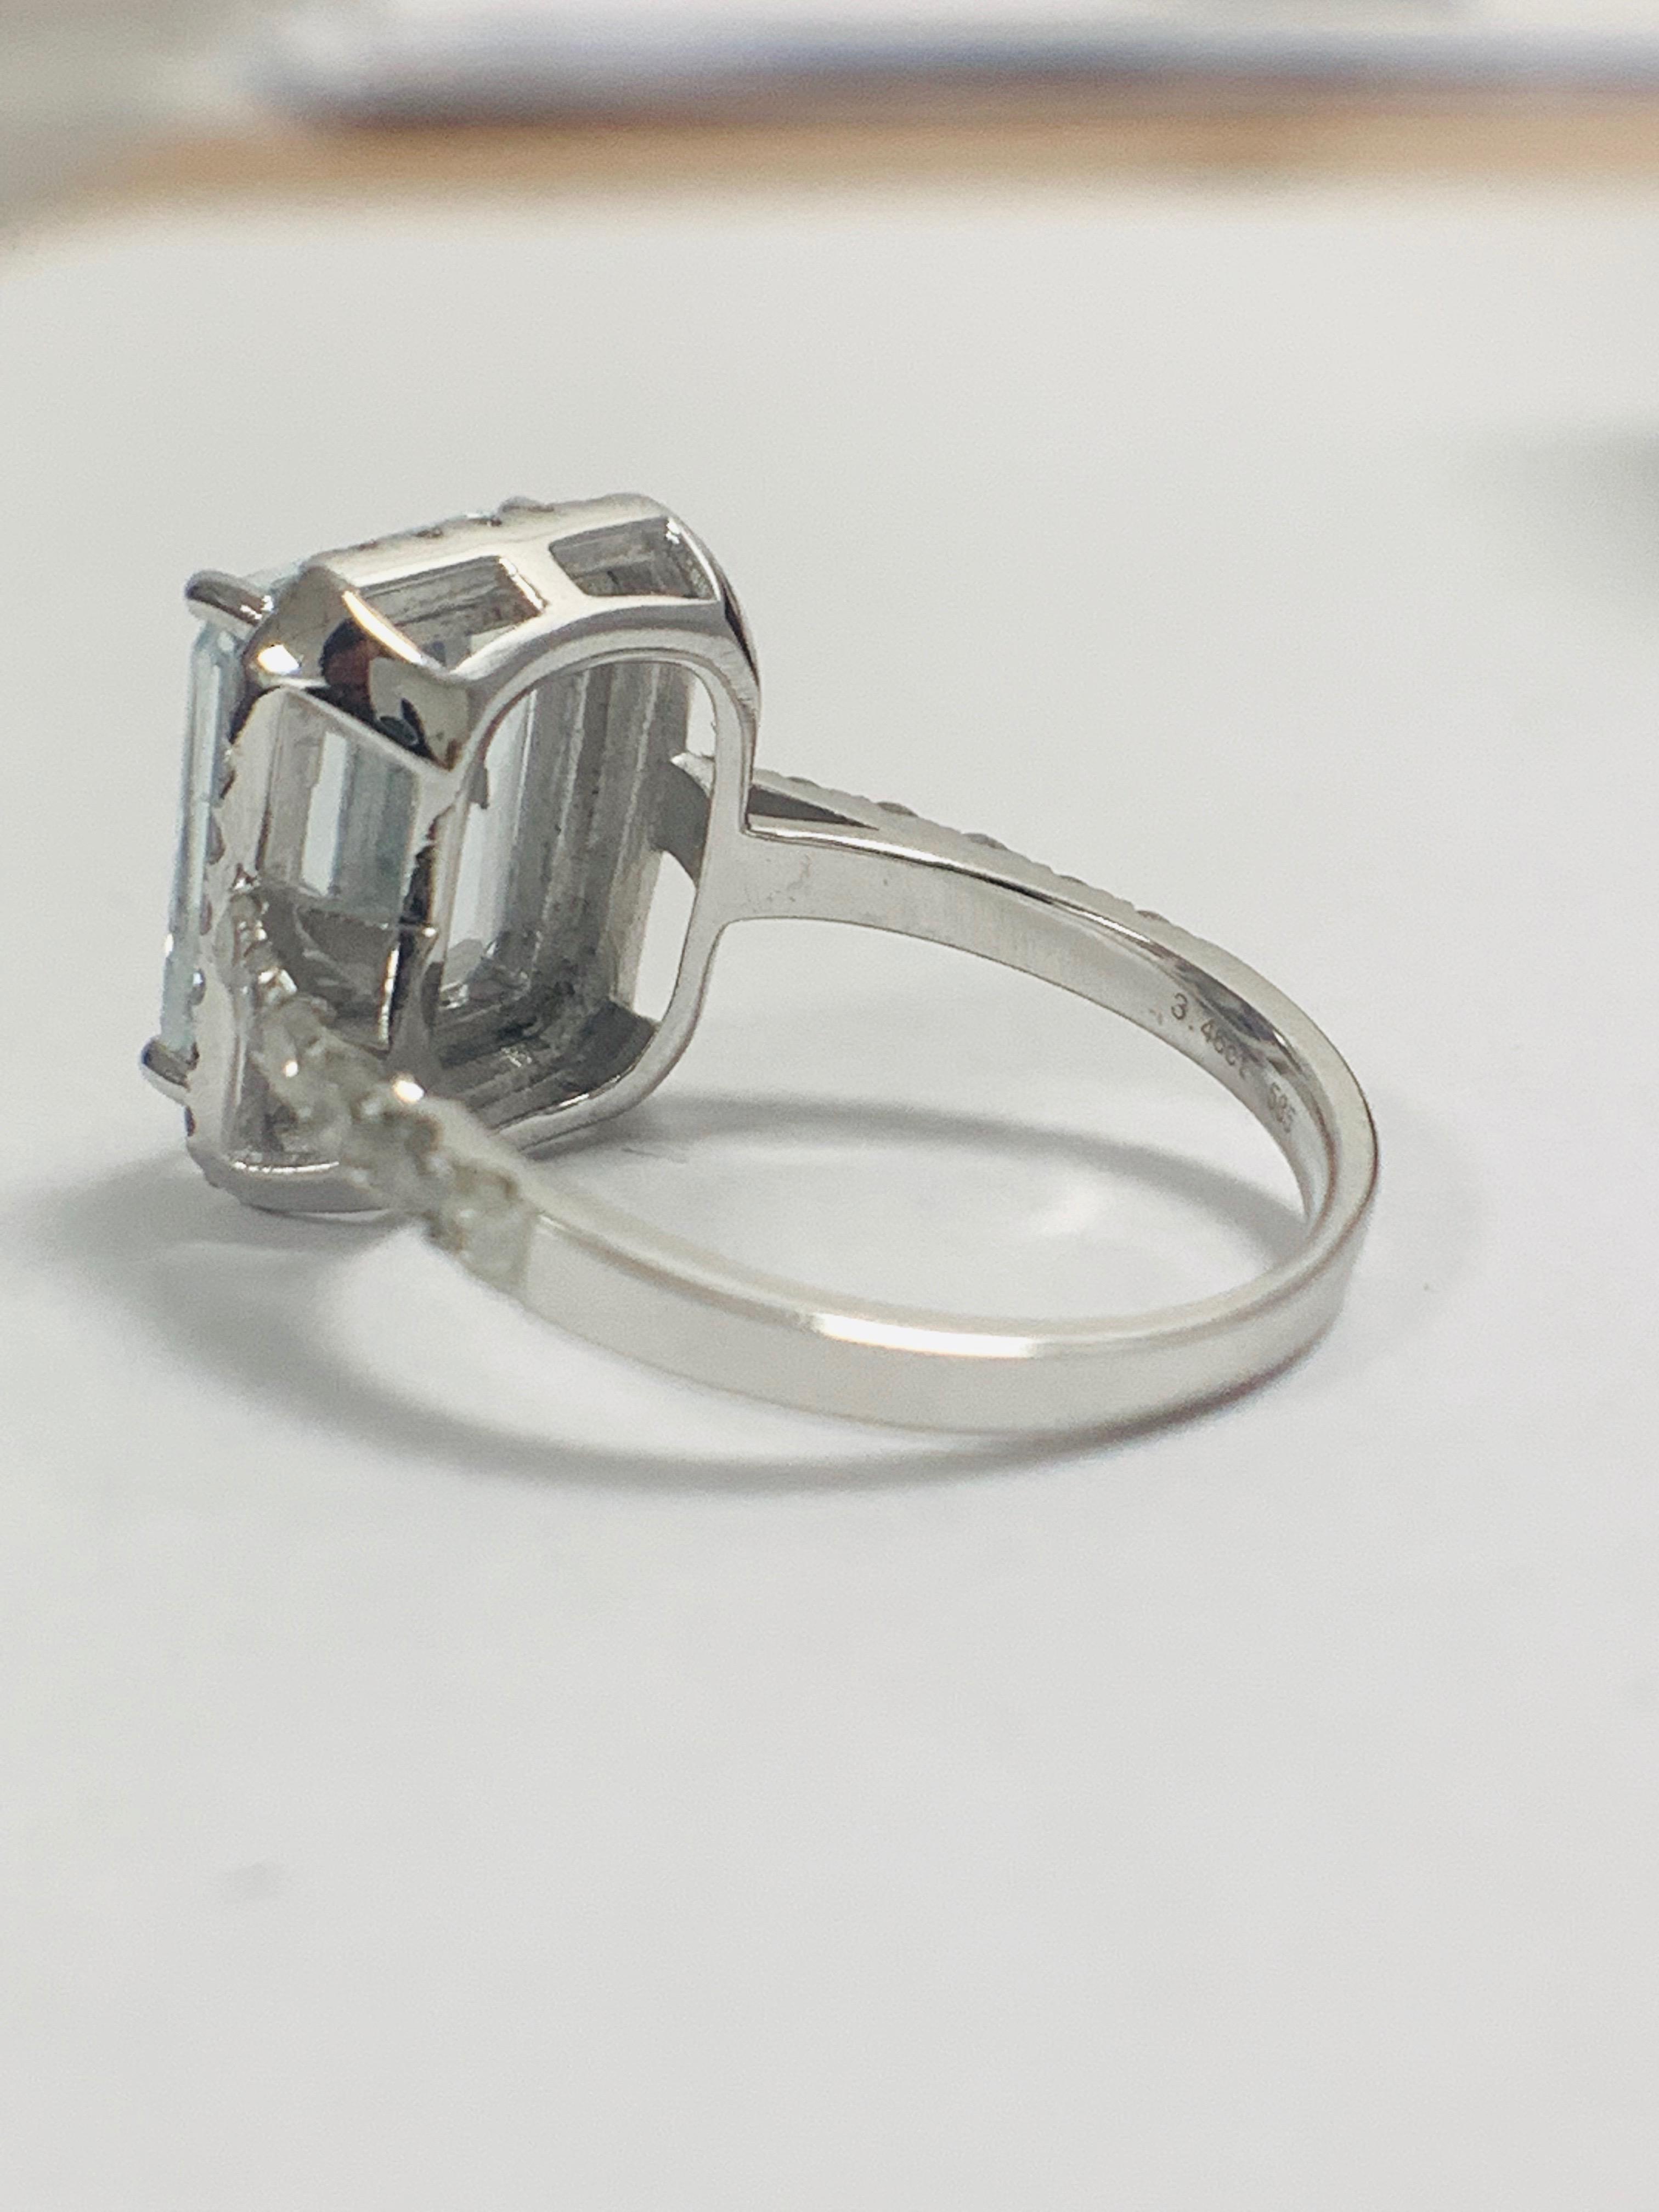 14ct White Gold Aquamarine and Diamond ring - Image 5 of 12